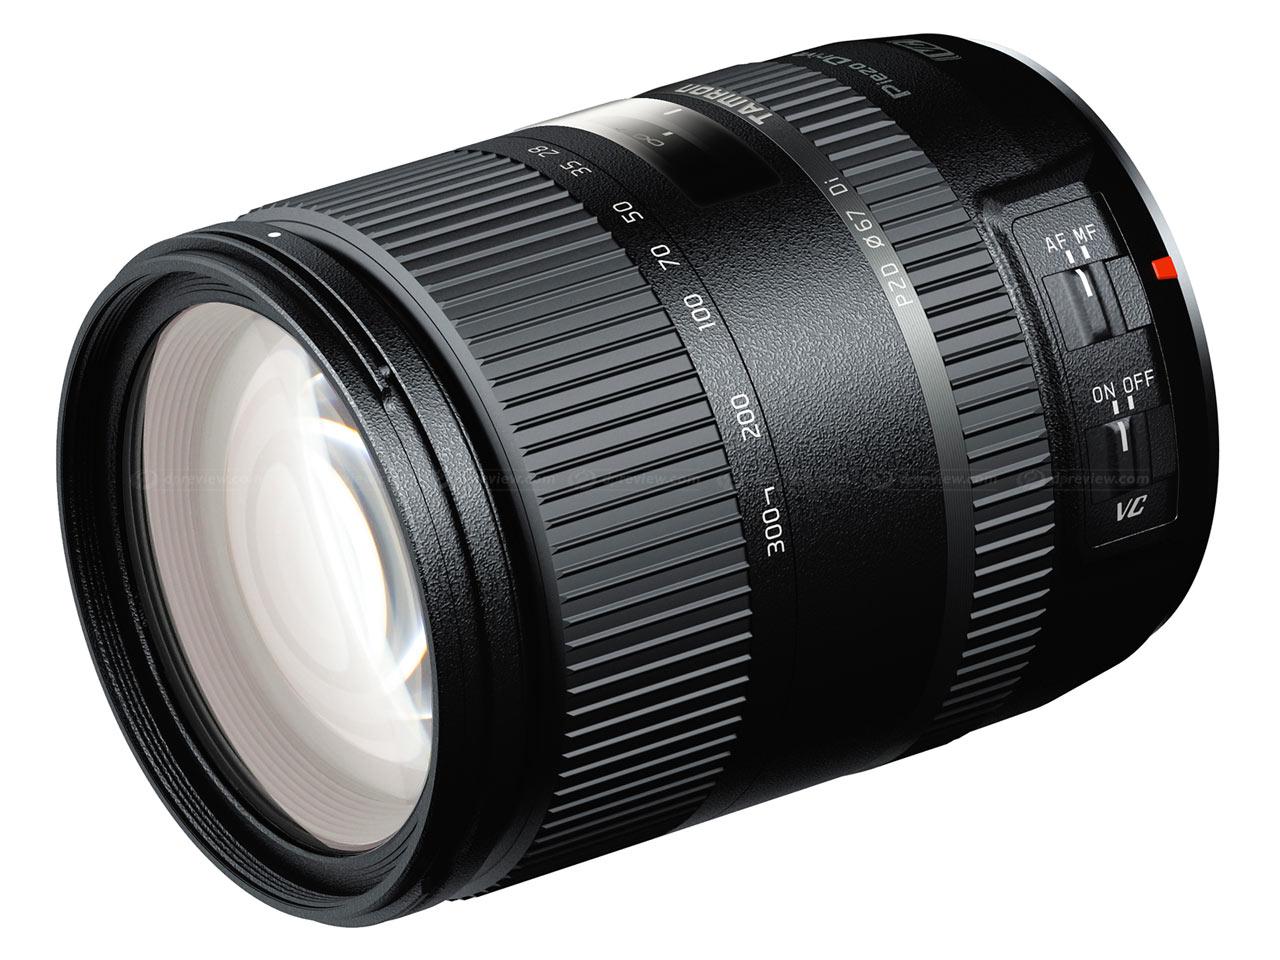 Tamron to make new 28-300mm F3.5-6.3 superzoom for full frame SLRs ...